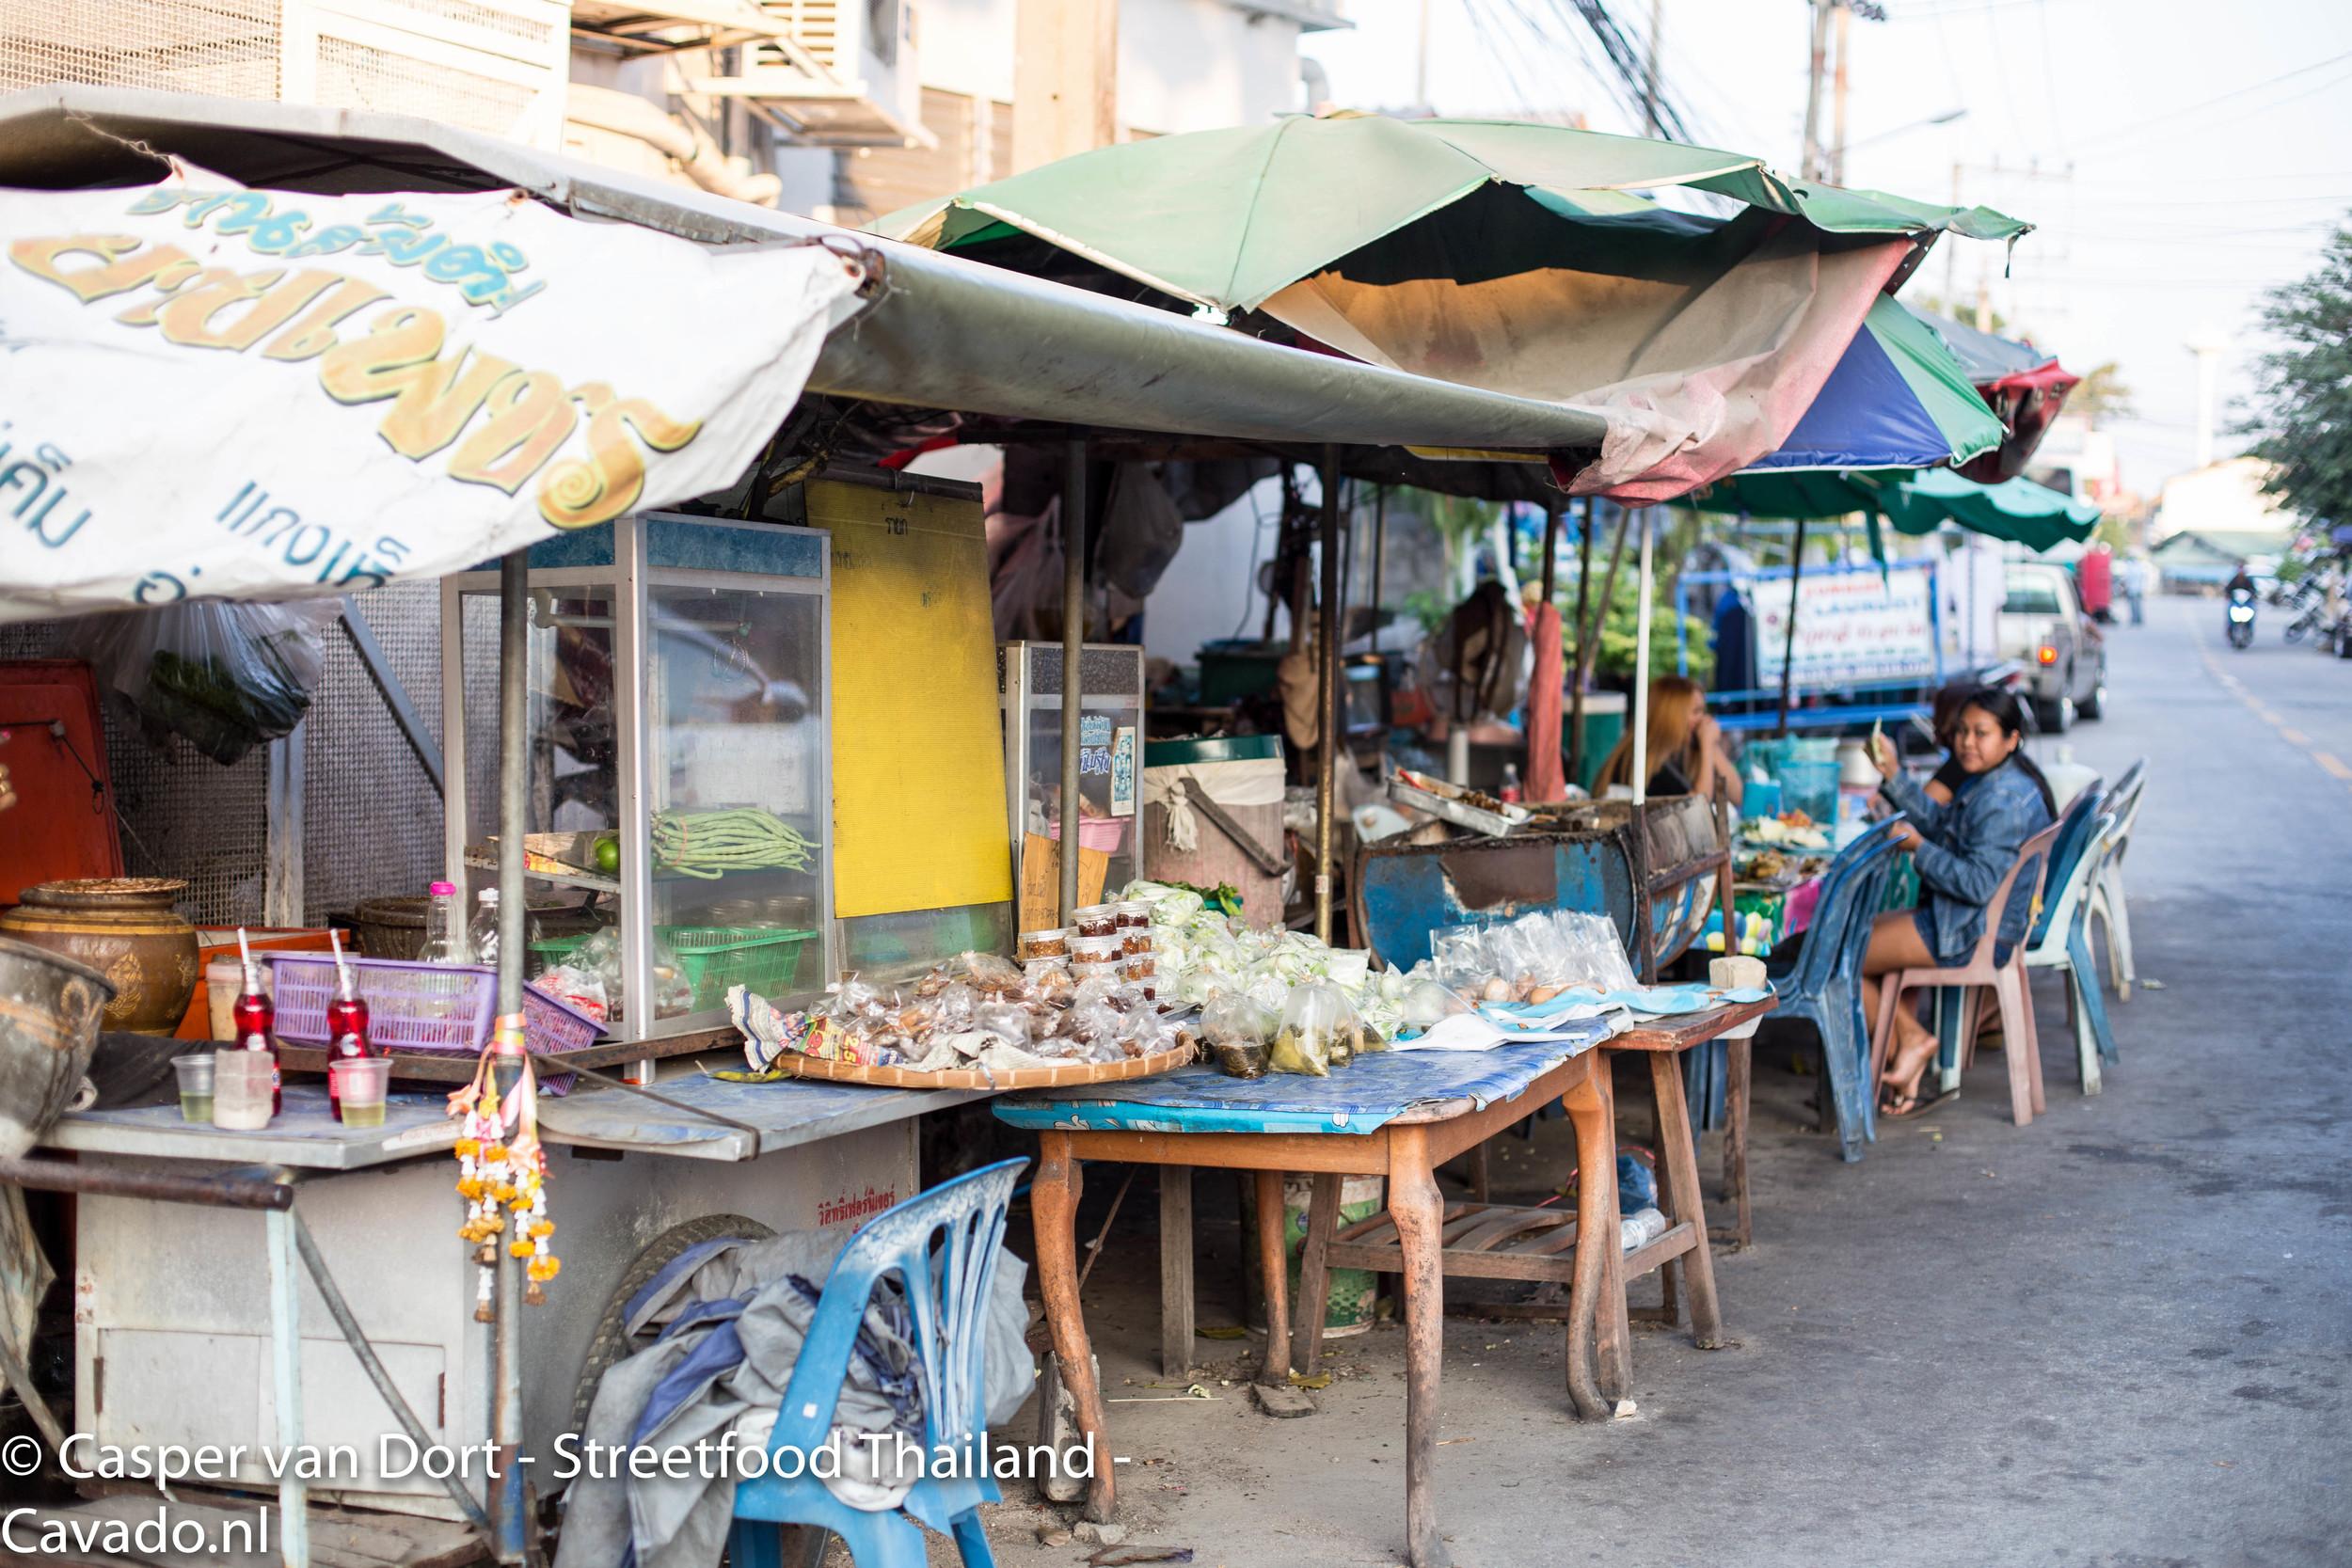 Thailand Streetfood-32.jpg